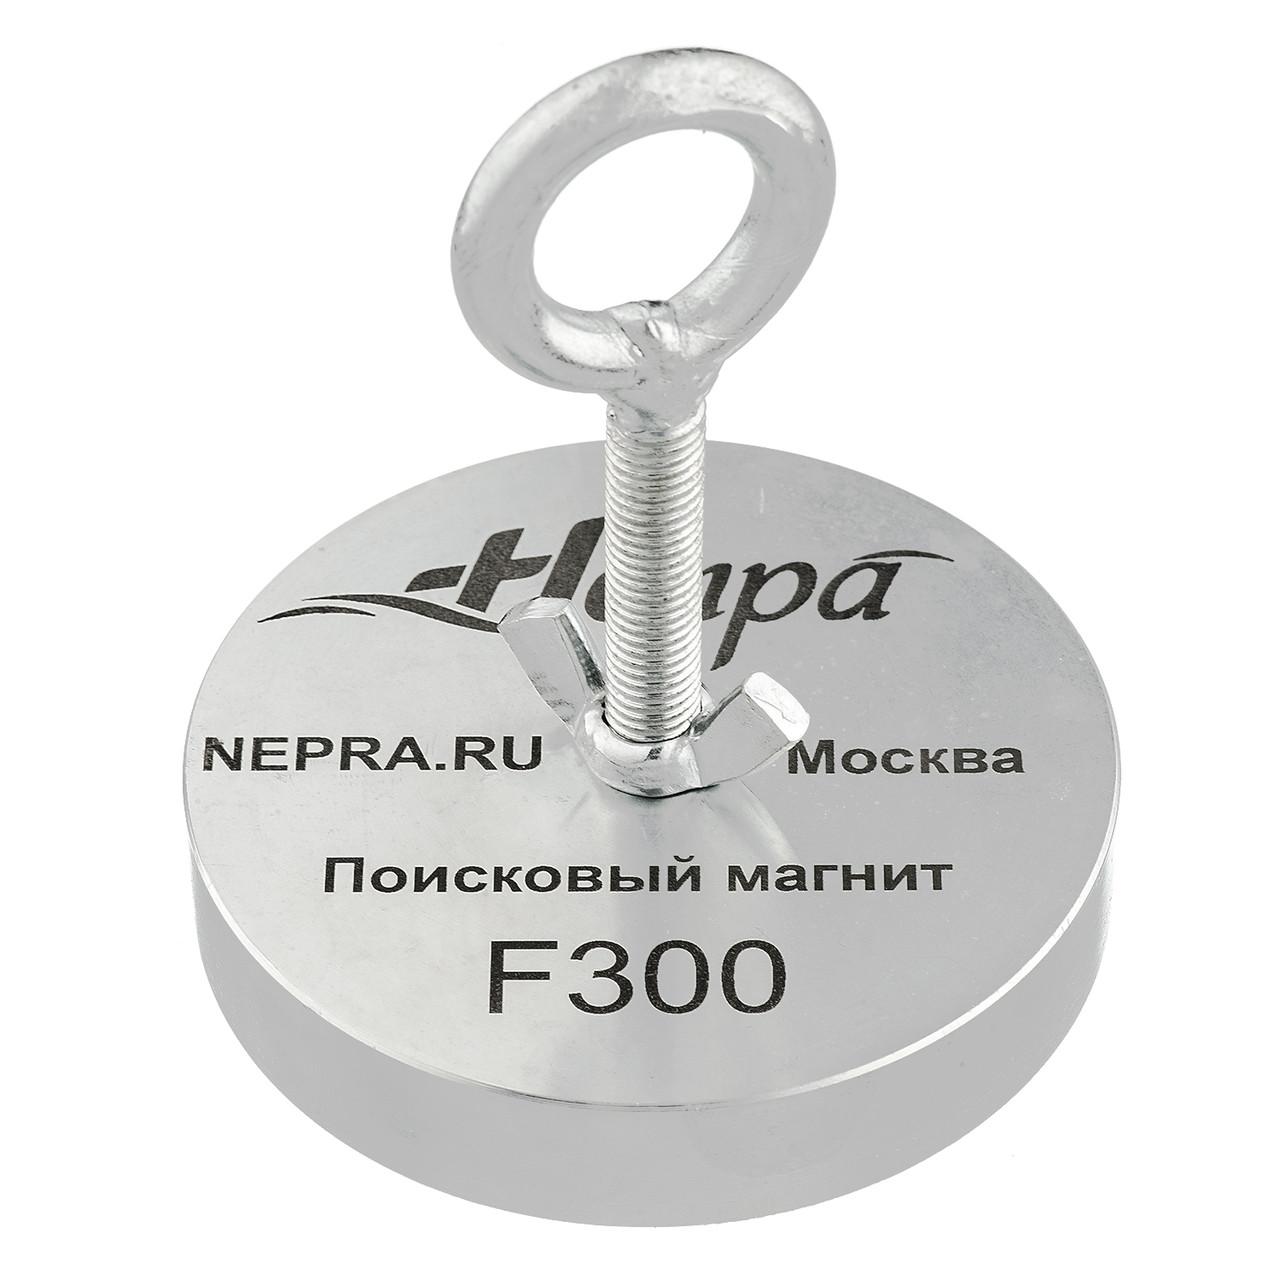 Поисковый магнит F300 Односторонний Непра